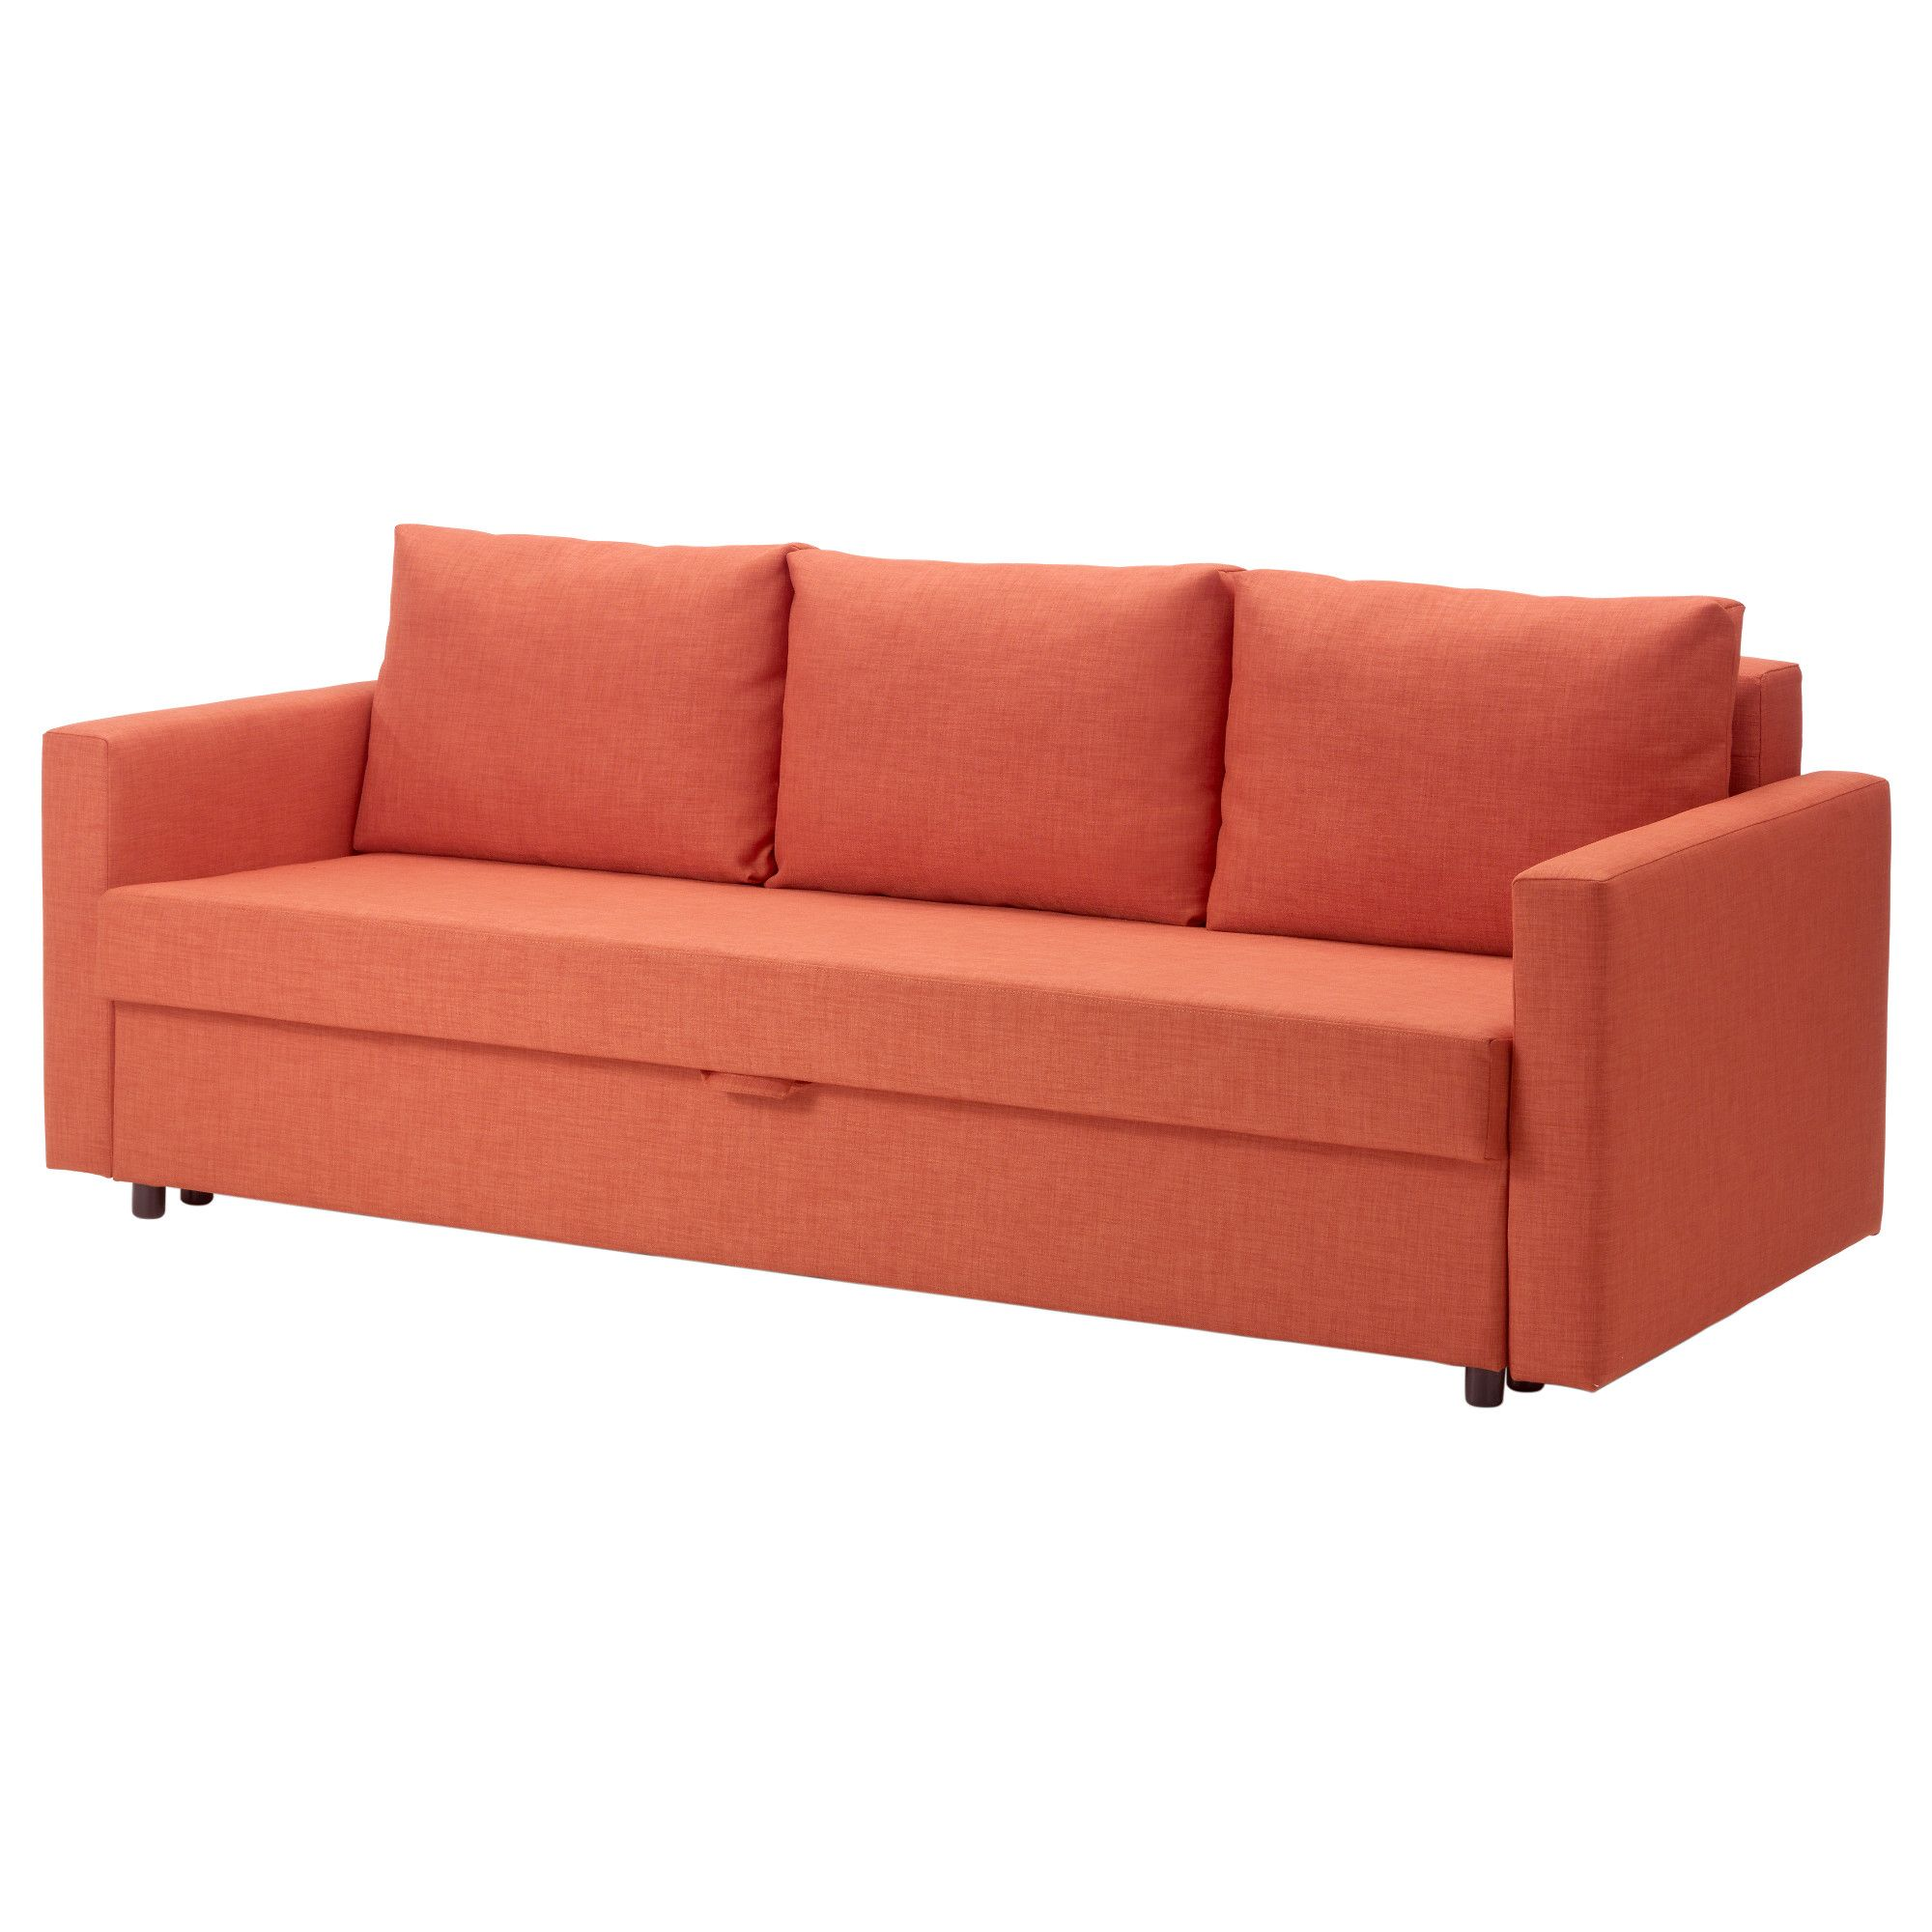 Ikea Friheten Sleeper Sofa Skiftebo Dark Orange